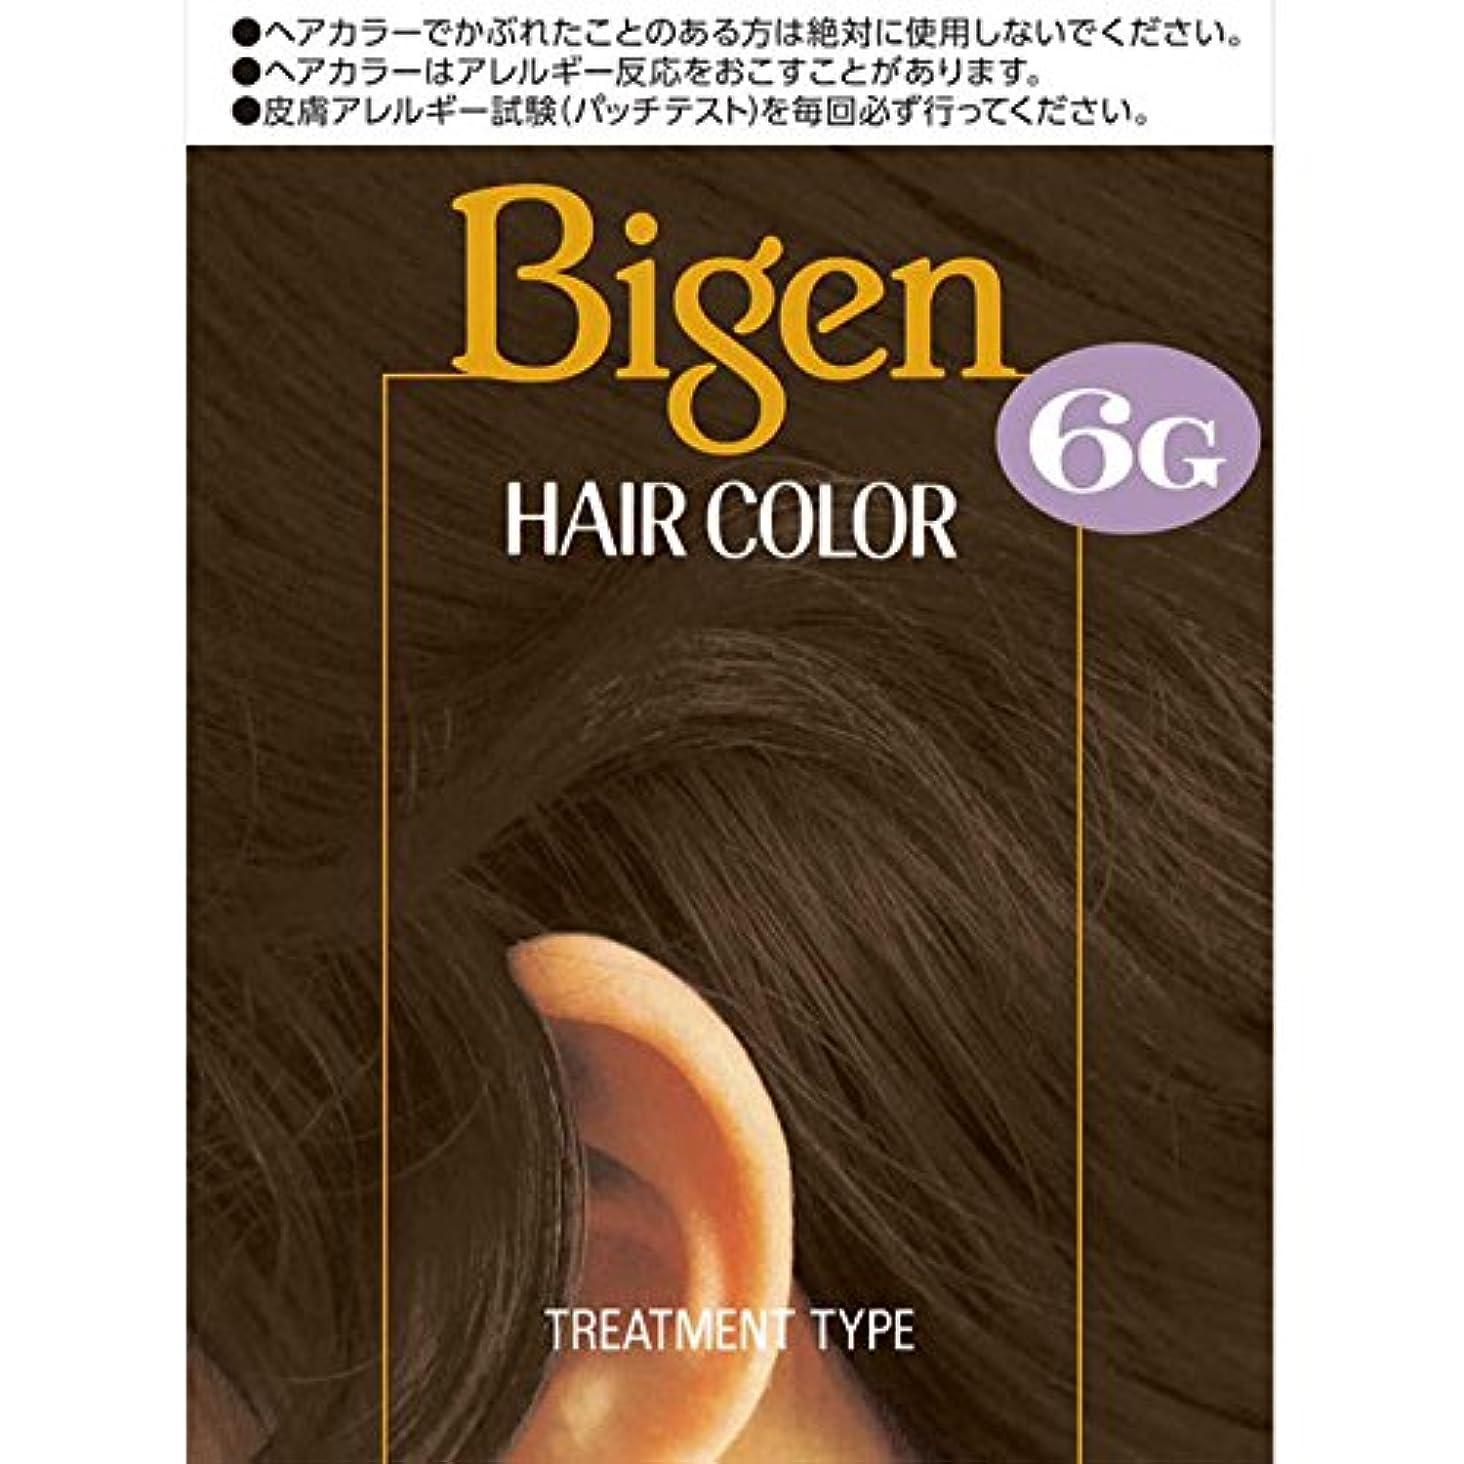 必要ない封建病気だと思うホーユー ビゲン ヘアカラー 6G 自然な褐色 40ml×2